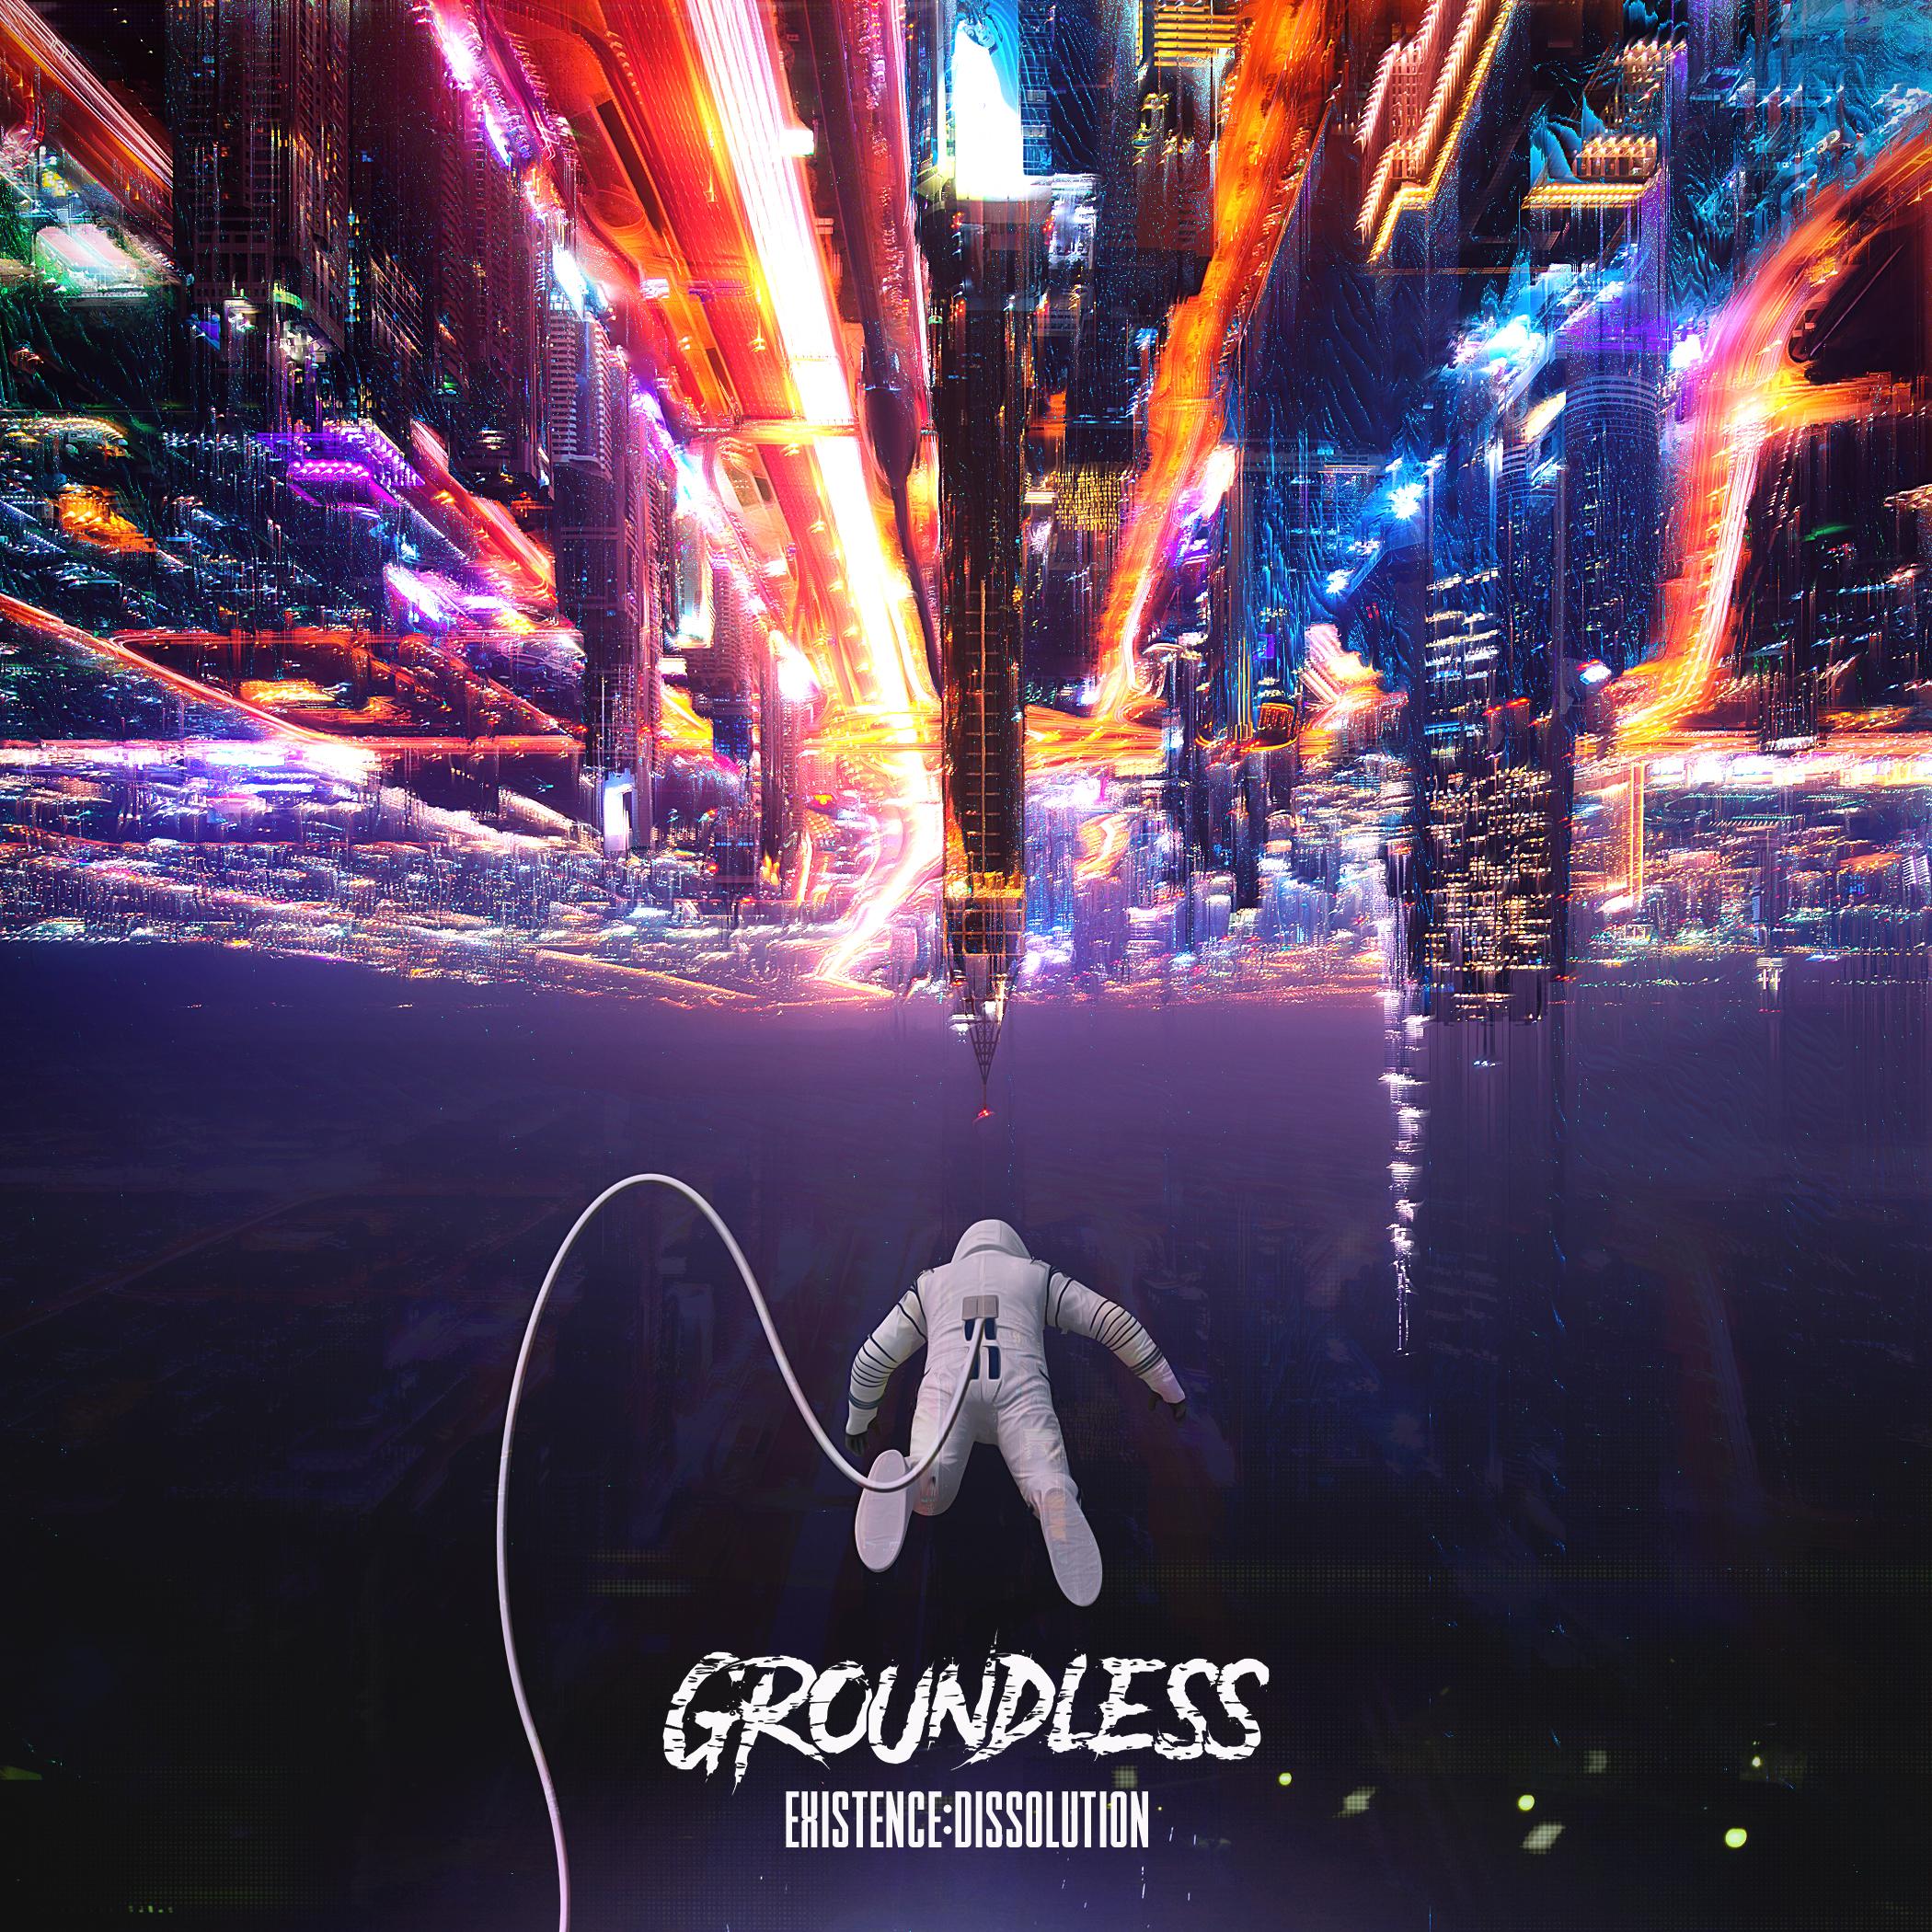 groundlessCOVER.jpg